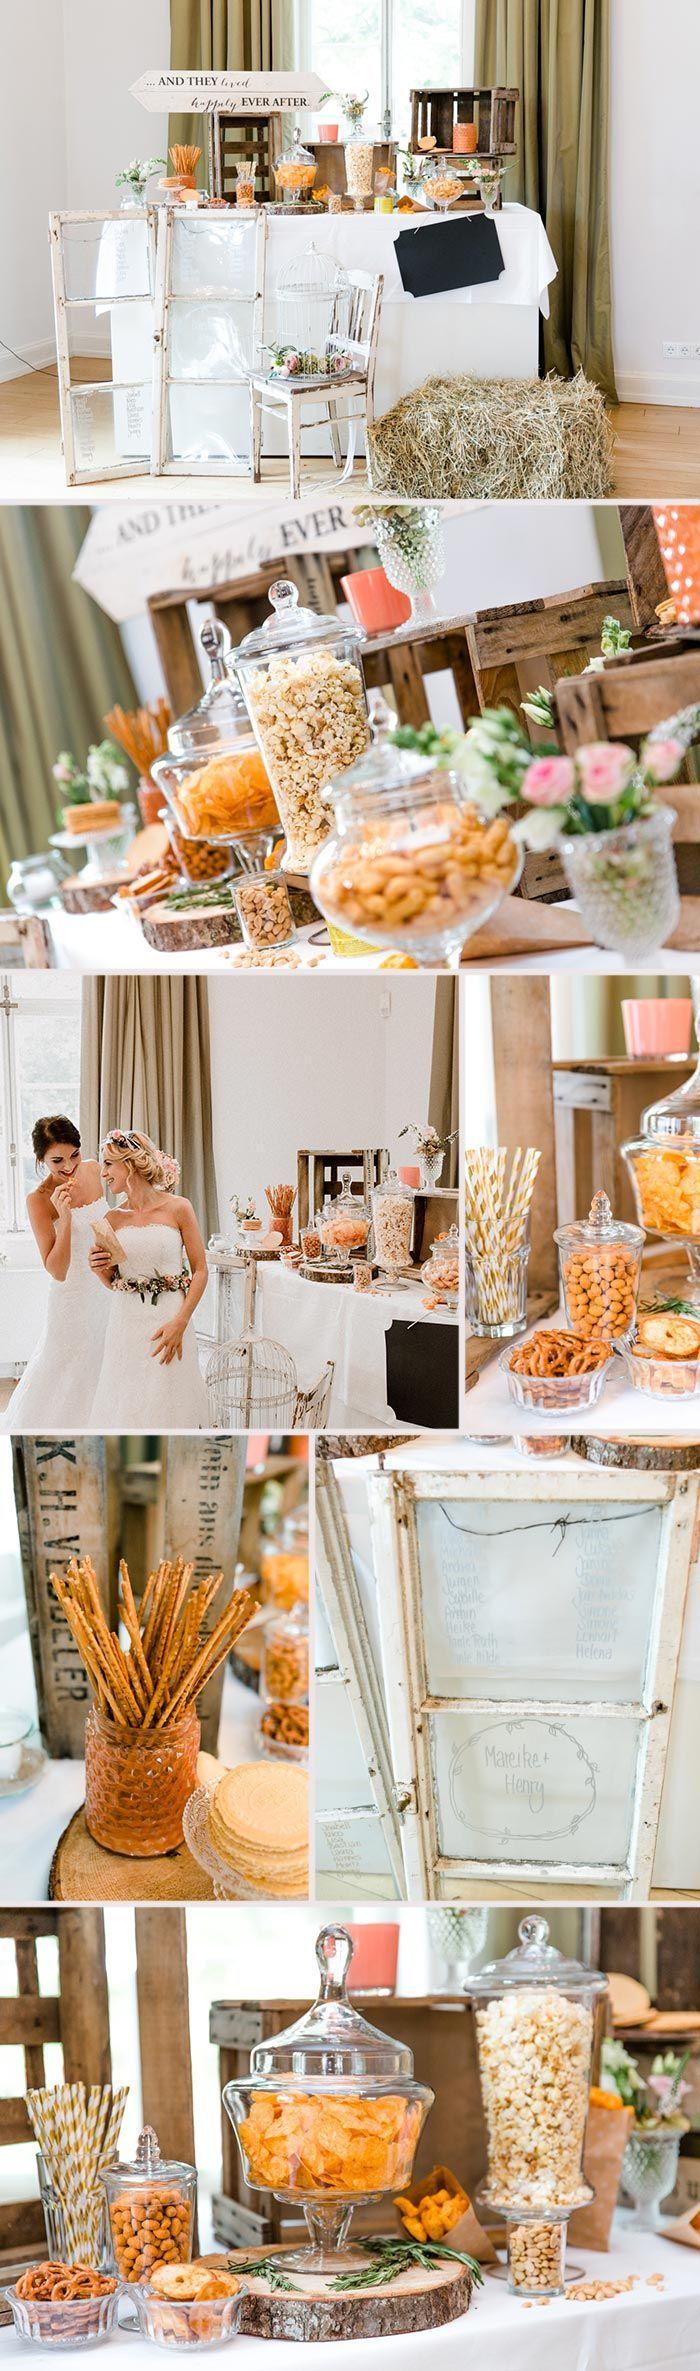 Die Salty Bar ist für alle die eher die Herzhaften statt die Süßen sind. Salzige Snacks lockern jede Party auf, warum dann nicht auch eure Hochzeitsfeier? I © Andreas Nusch Hochzeitsfotografie